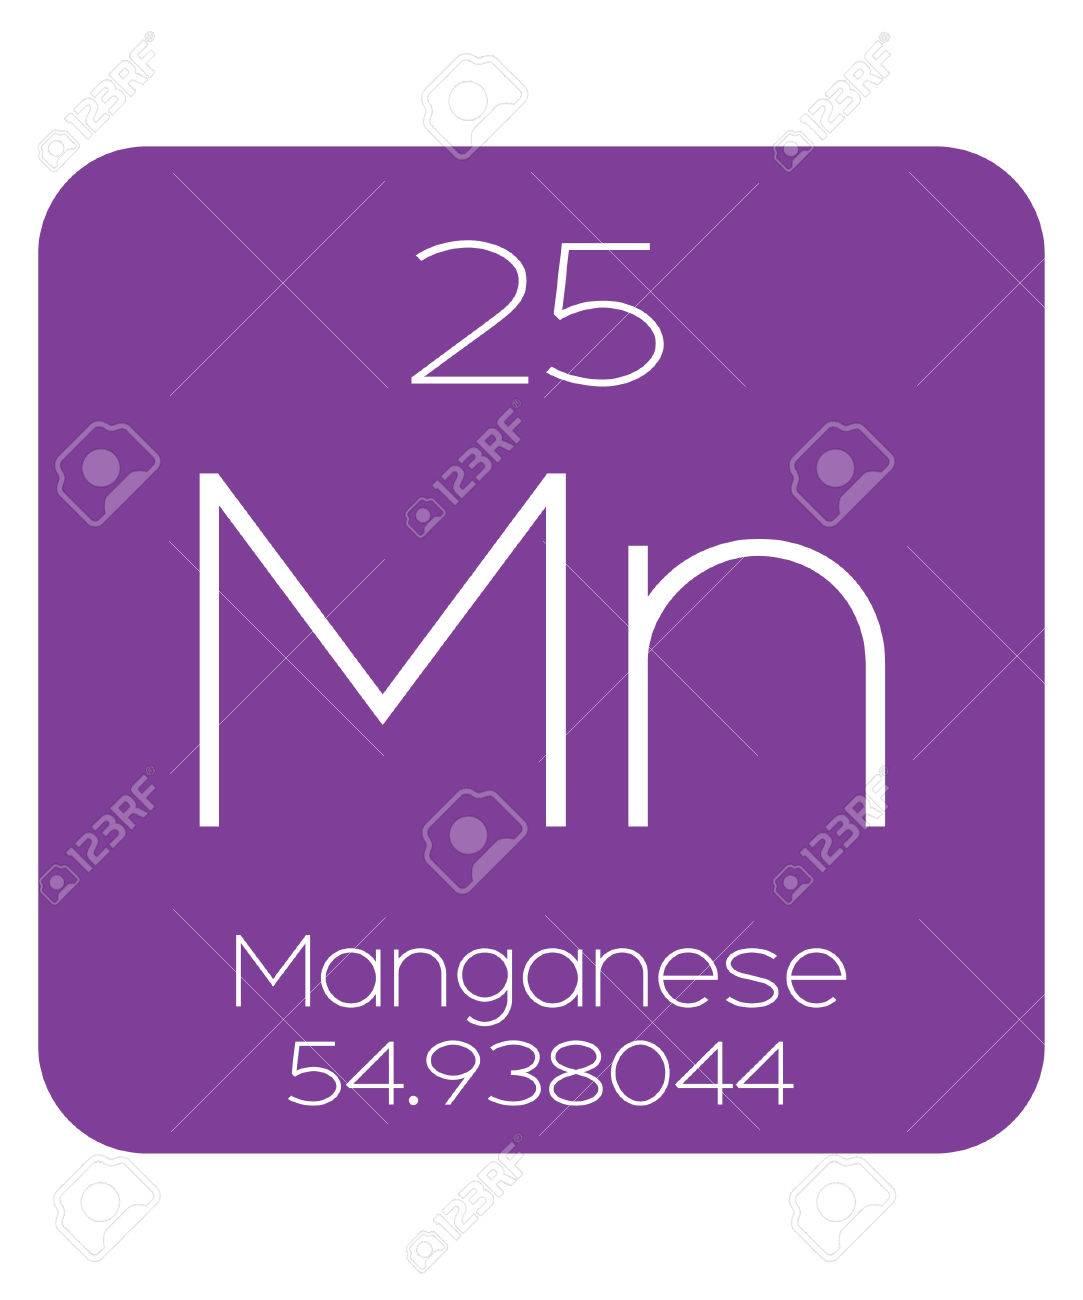 La tabla peridica de los elementos de manganeso fotos retratos foto de archivo la tabla peridica de los elementos de manganeso urtaz Image collections